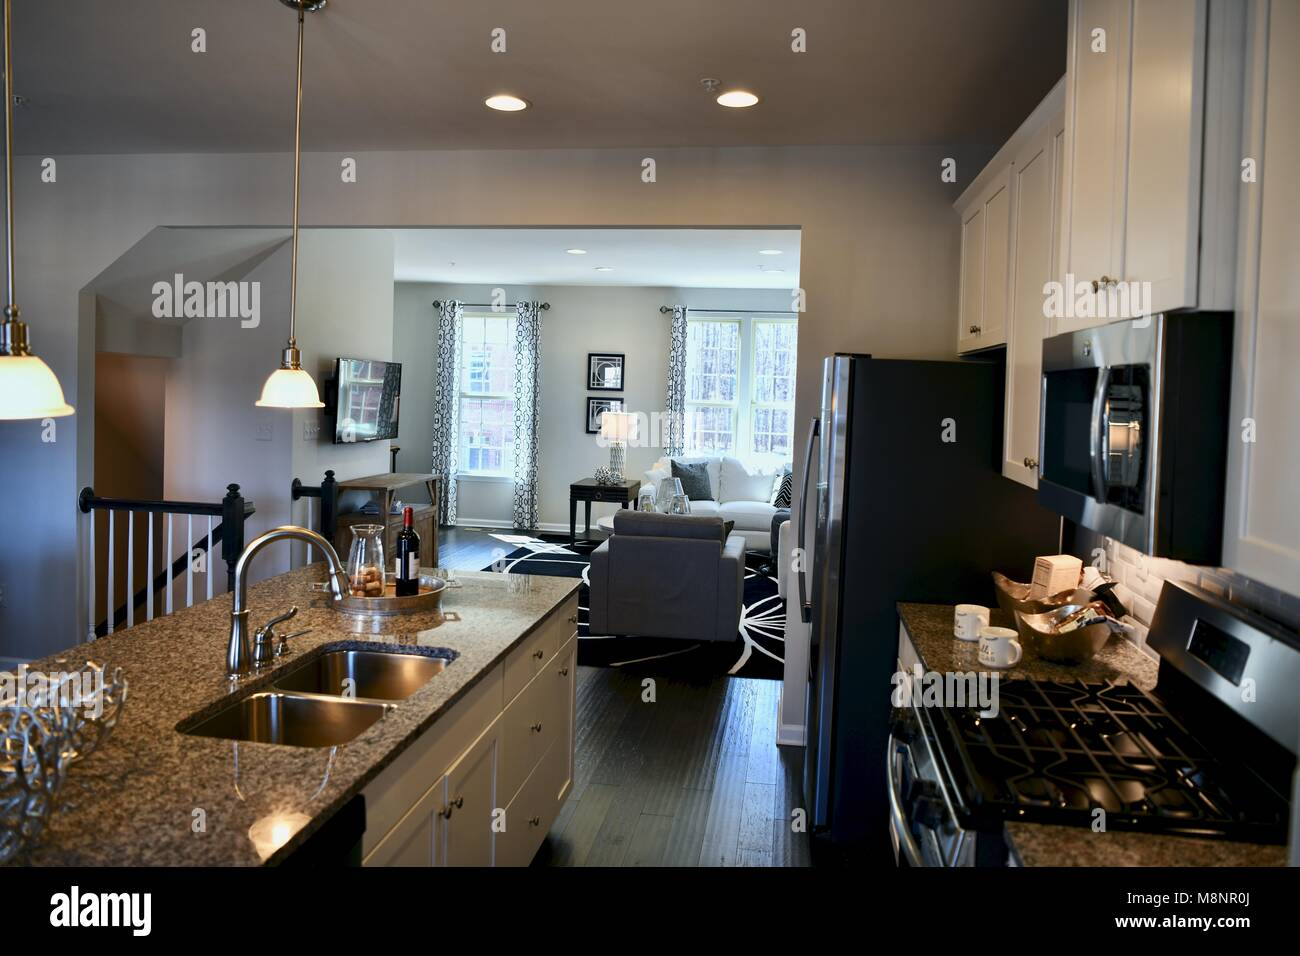 Blick Auf Küche Und Wohnzimmer In Einem Modernen Haus Mit Offenen Grundriss  Konzept